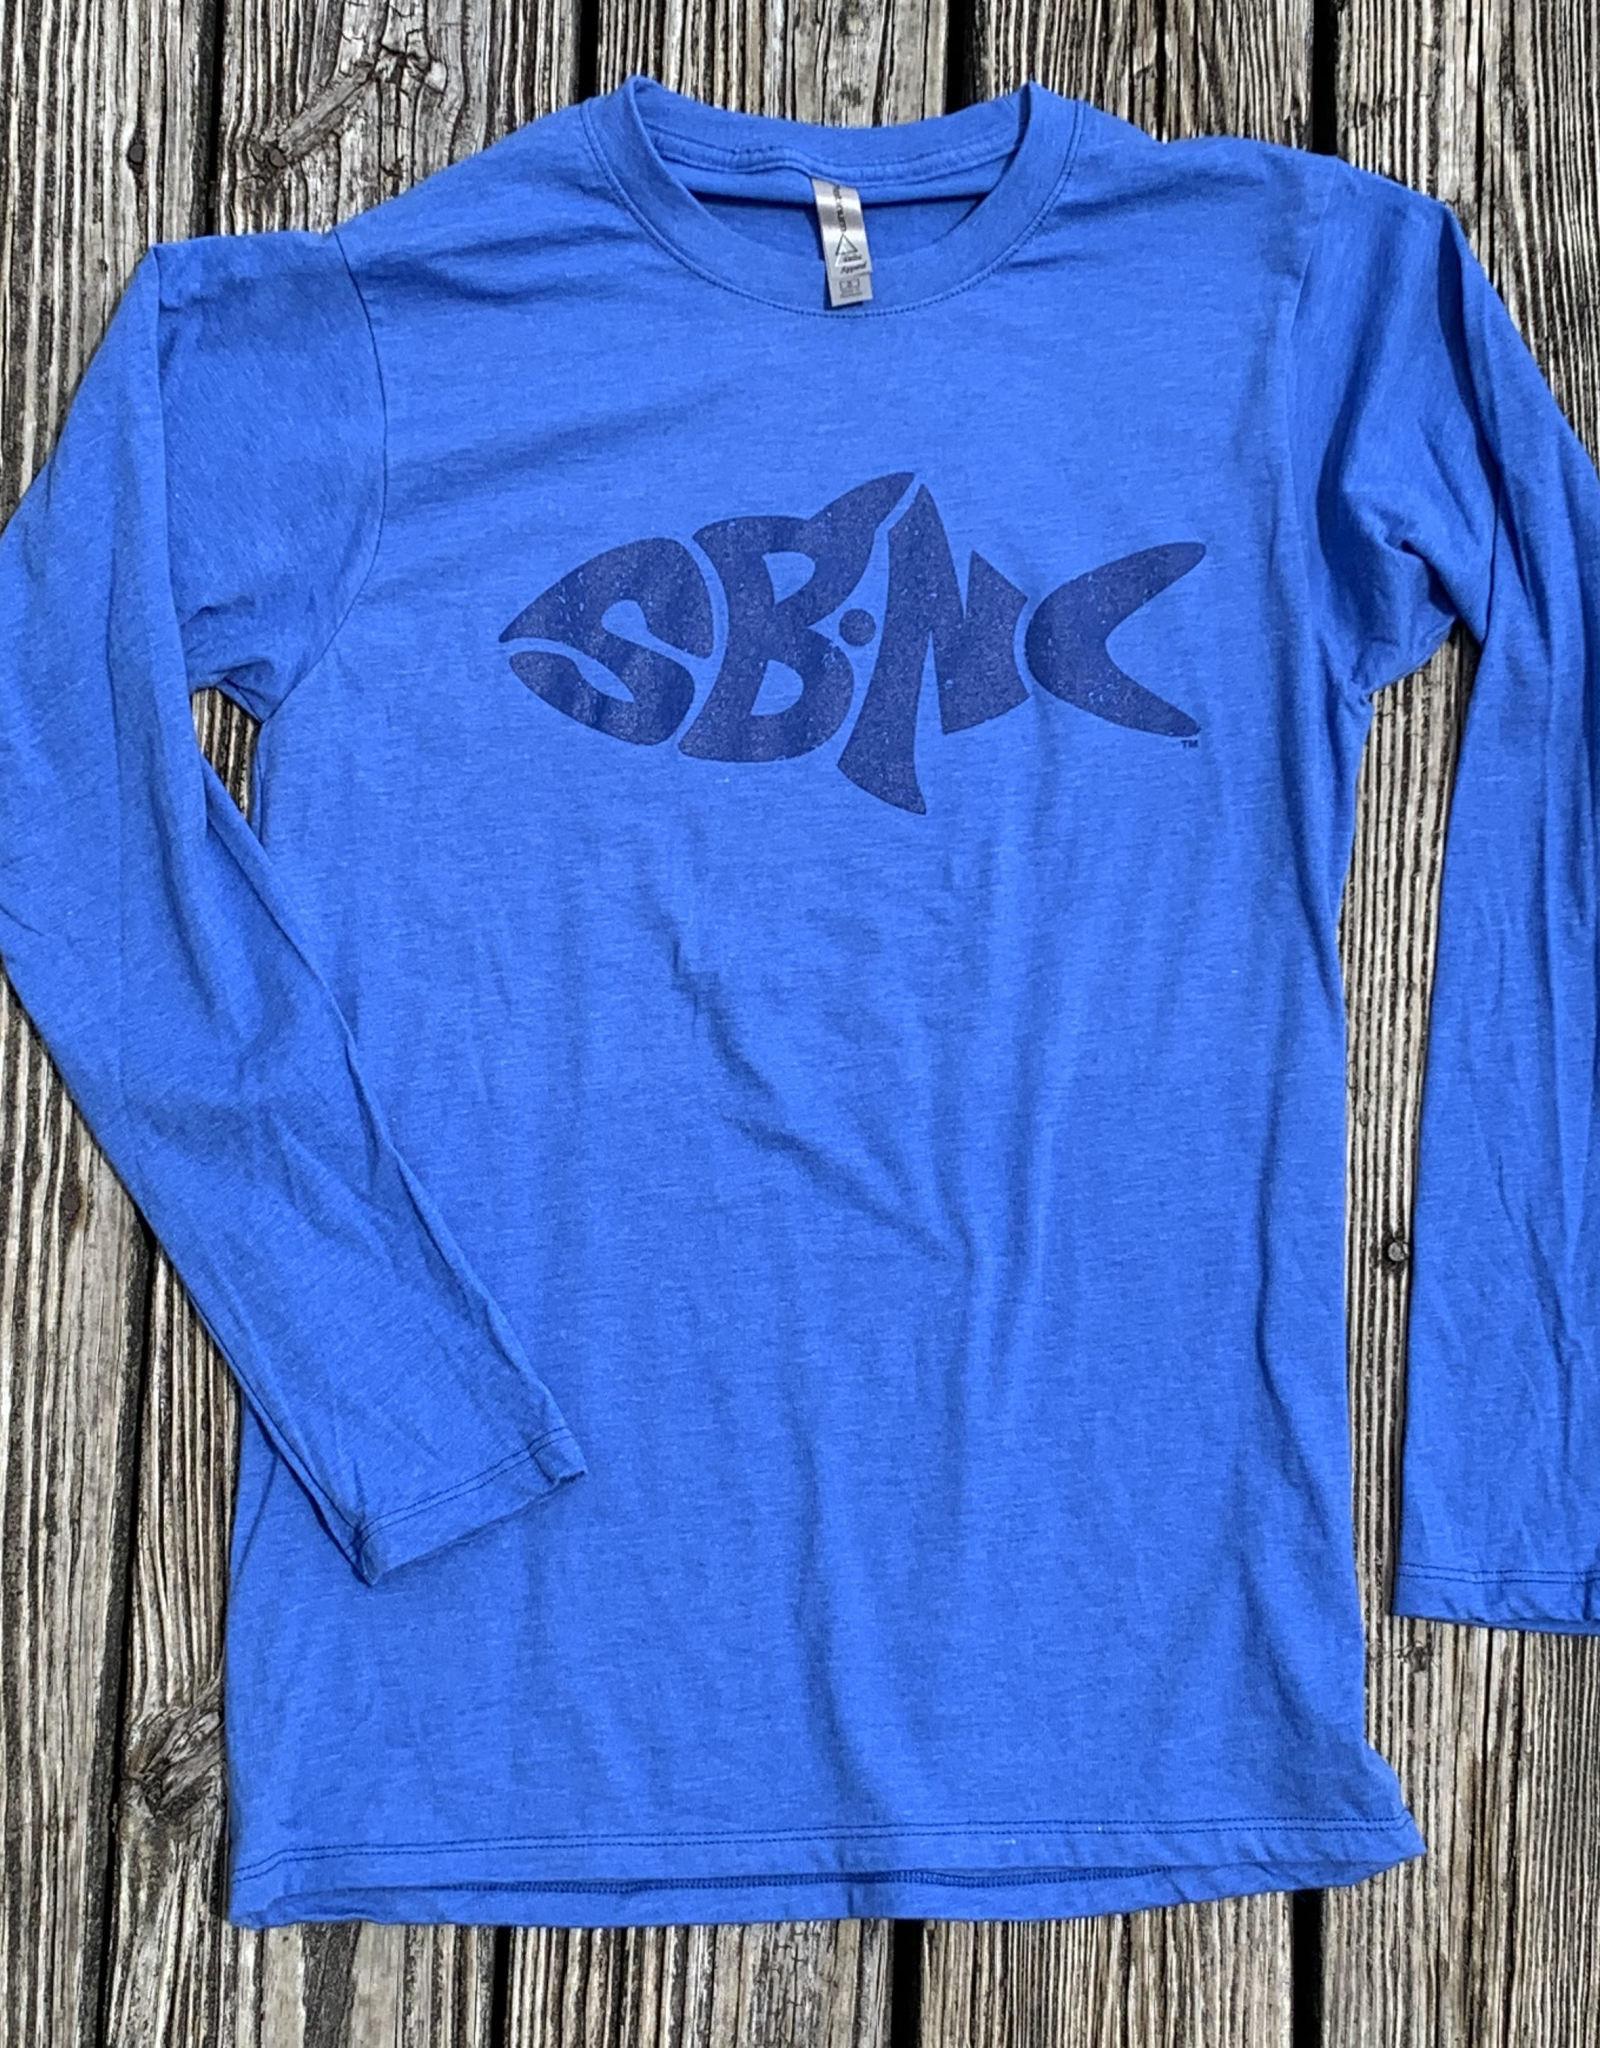 sbncfish SBNC FISH BLUE INK LS